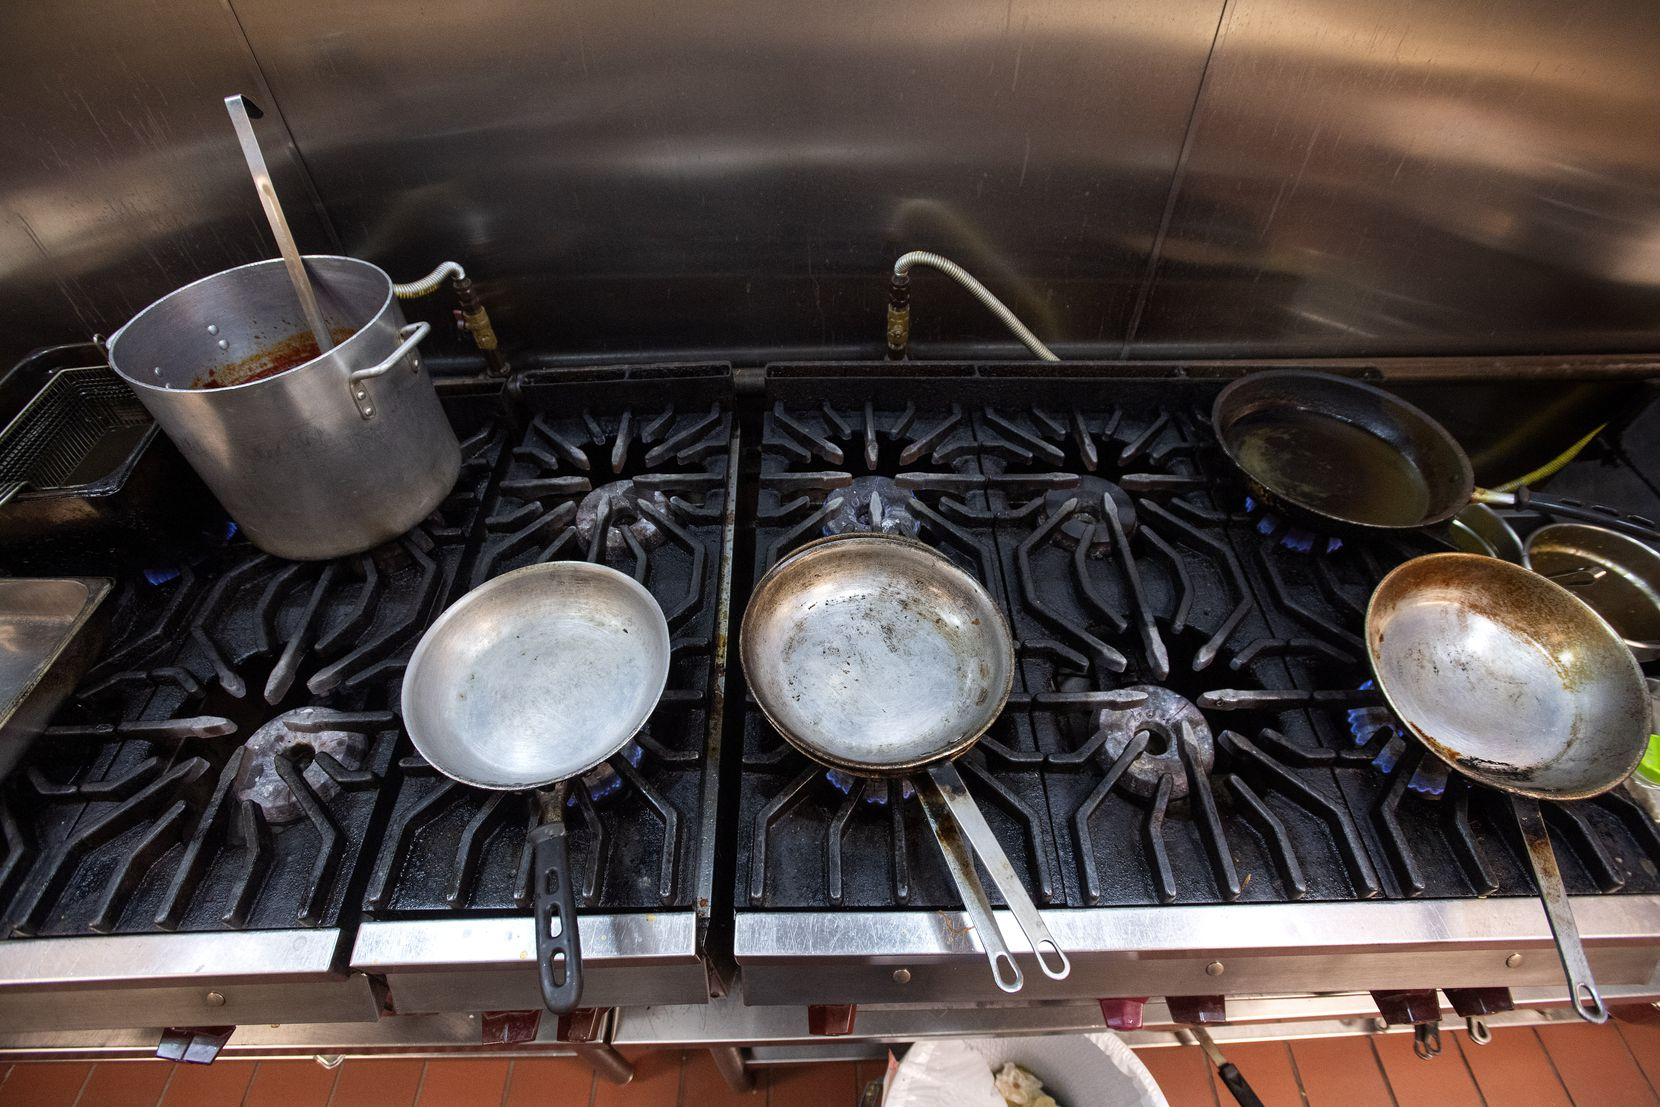 Sartenes sin utilizar en la cocina del restaurante Cuquita's en Farmers Branch.